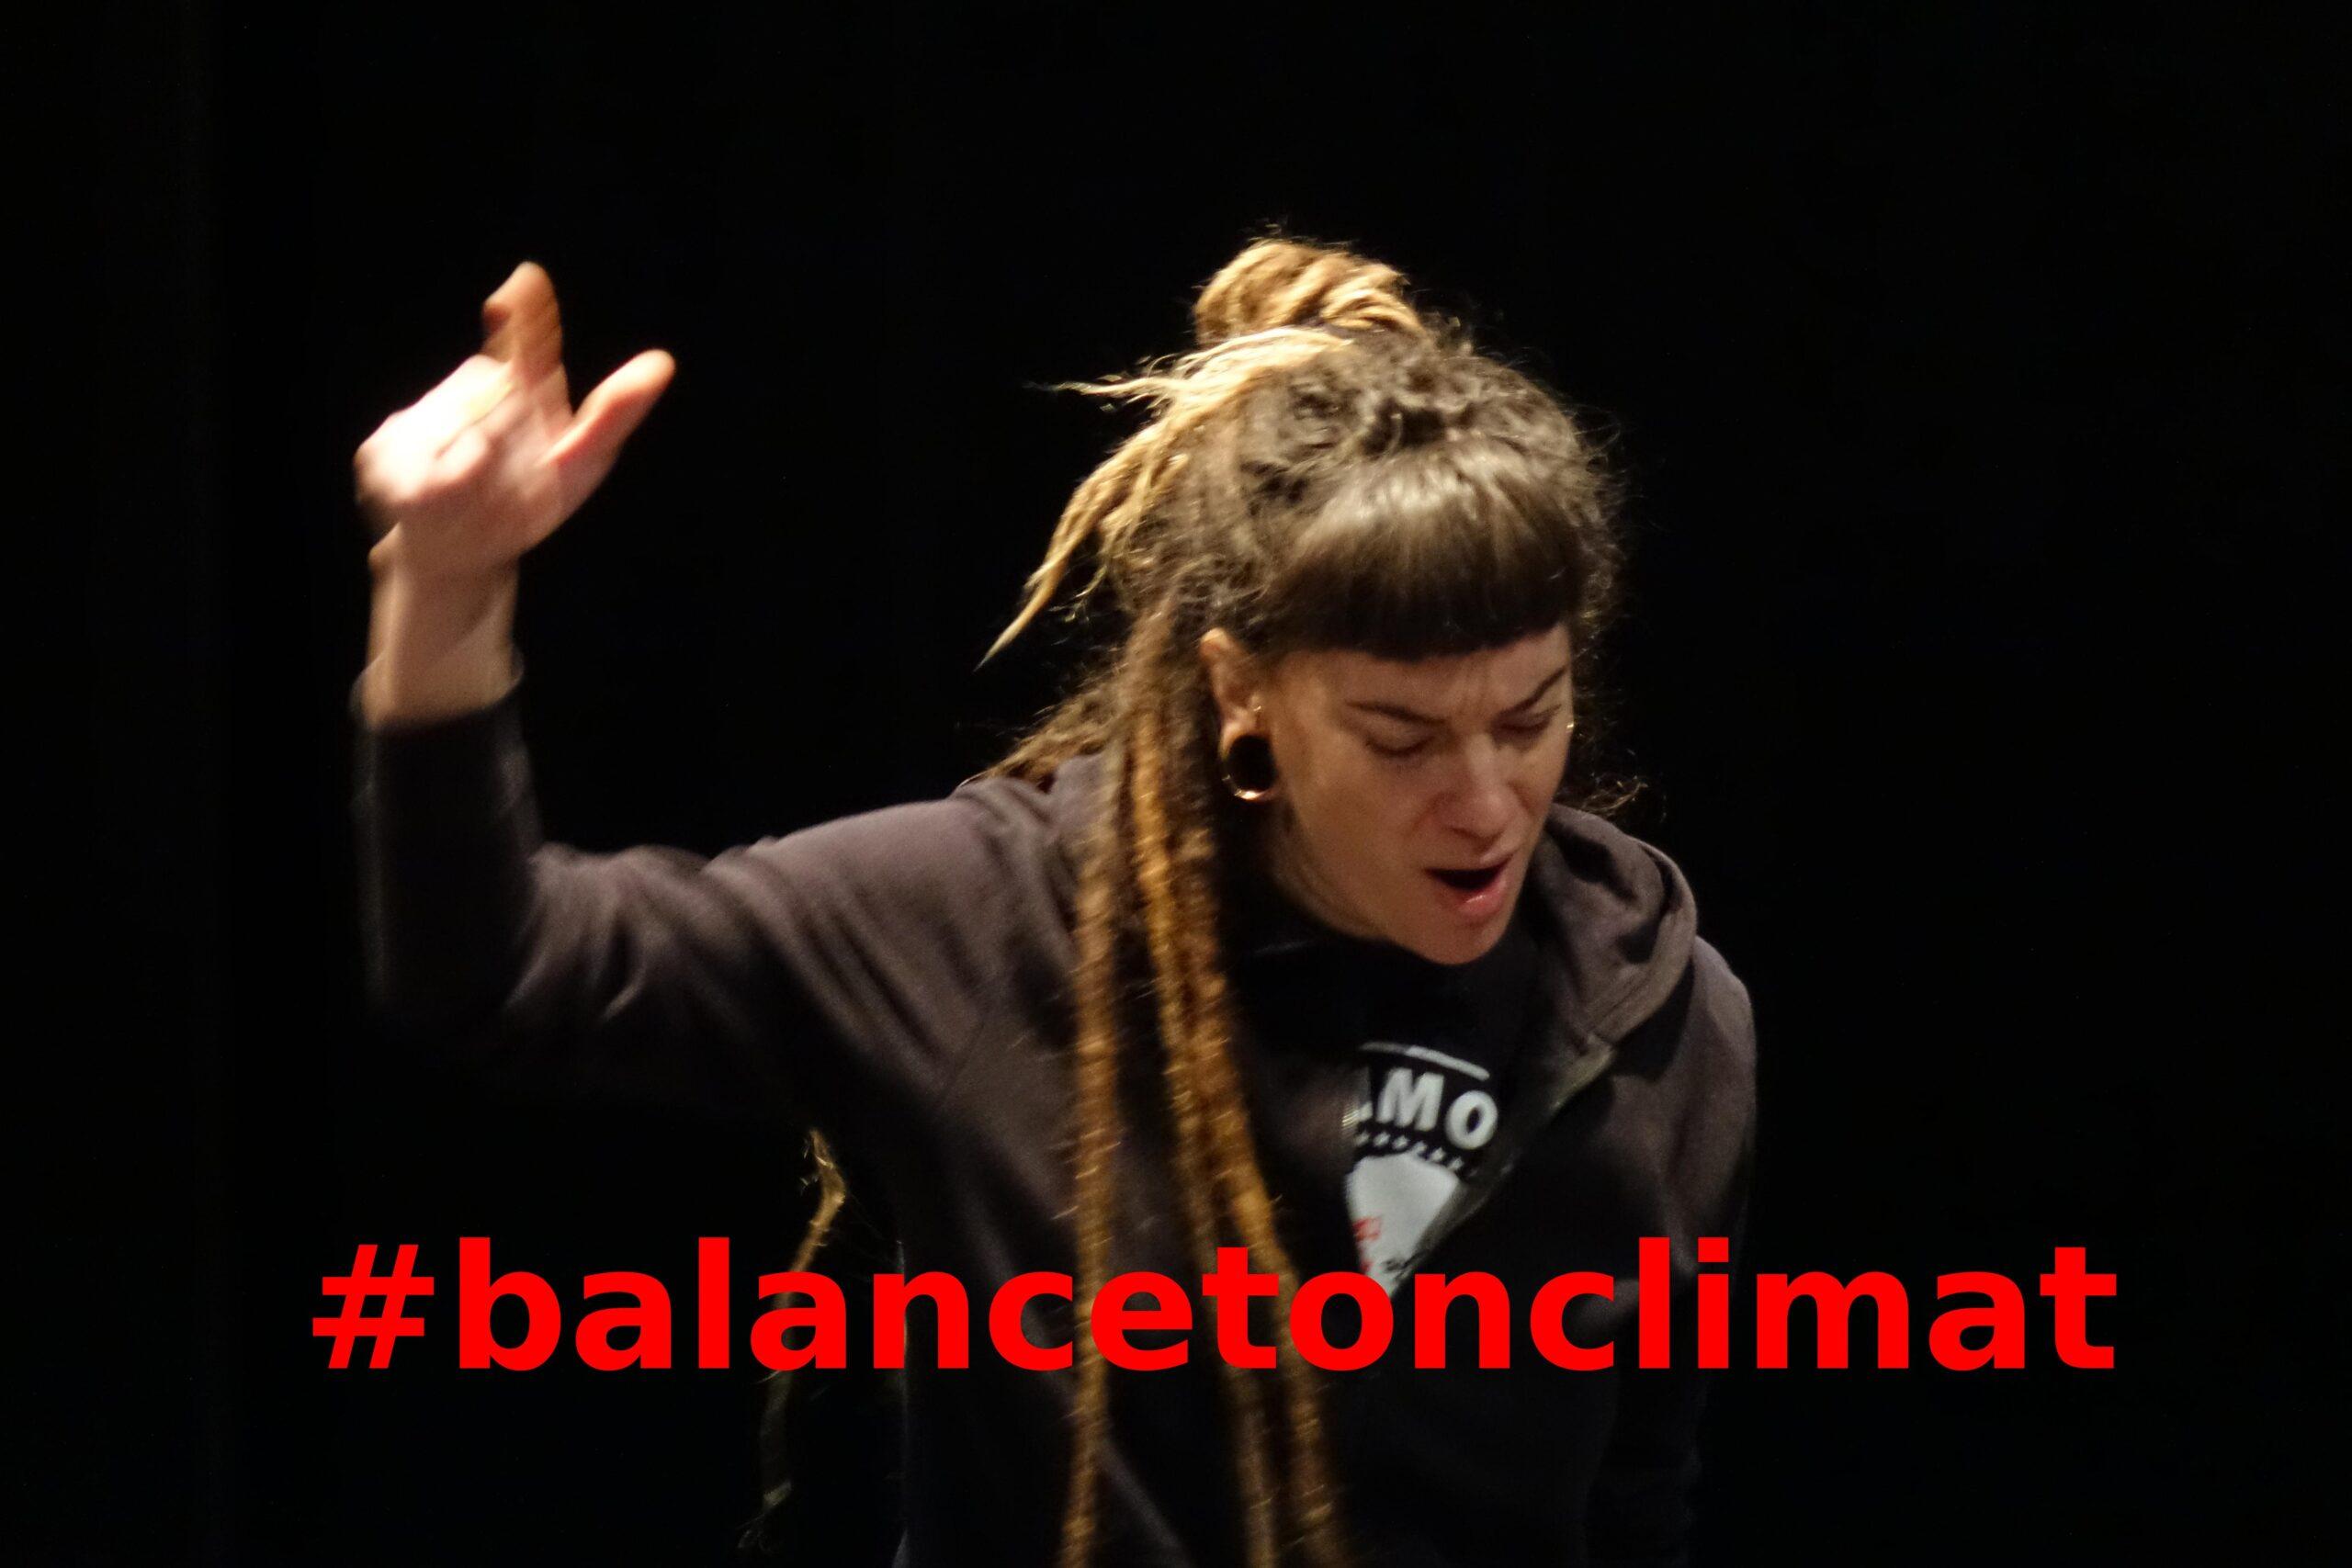 #balancetonclimat